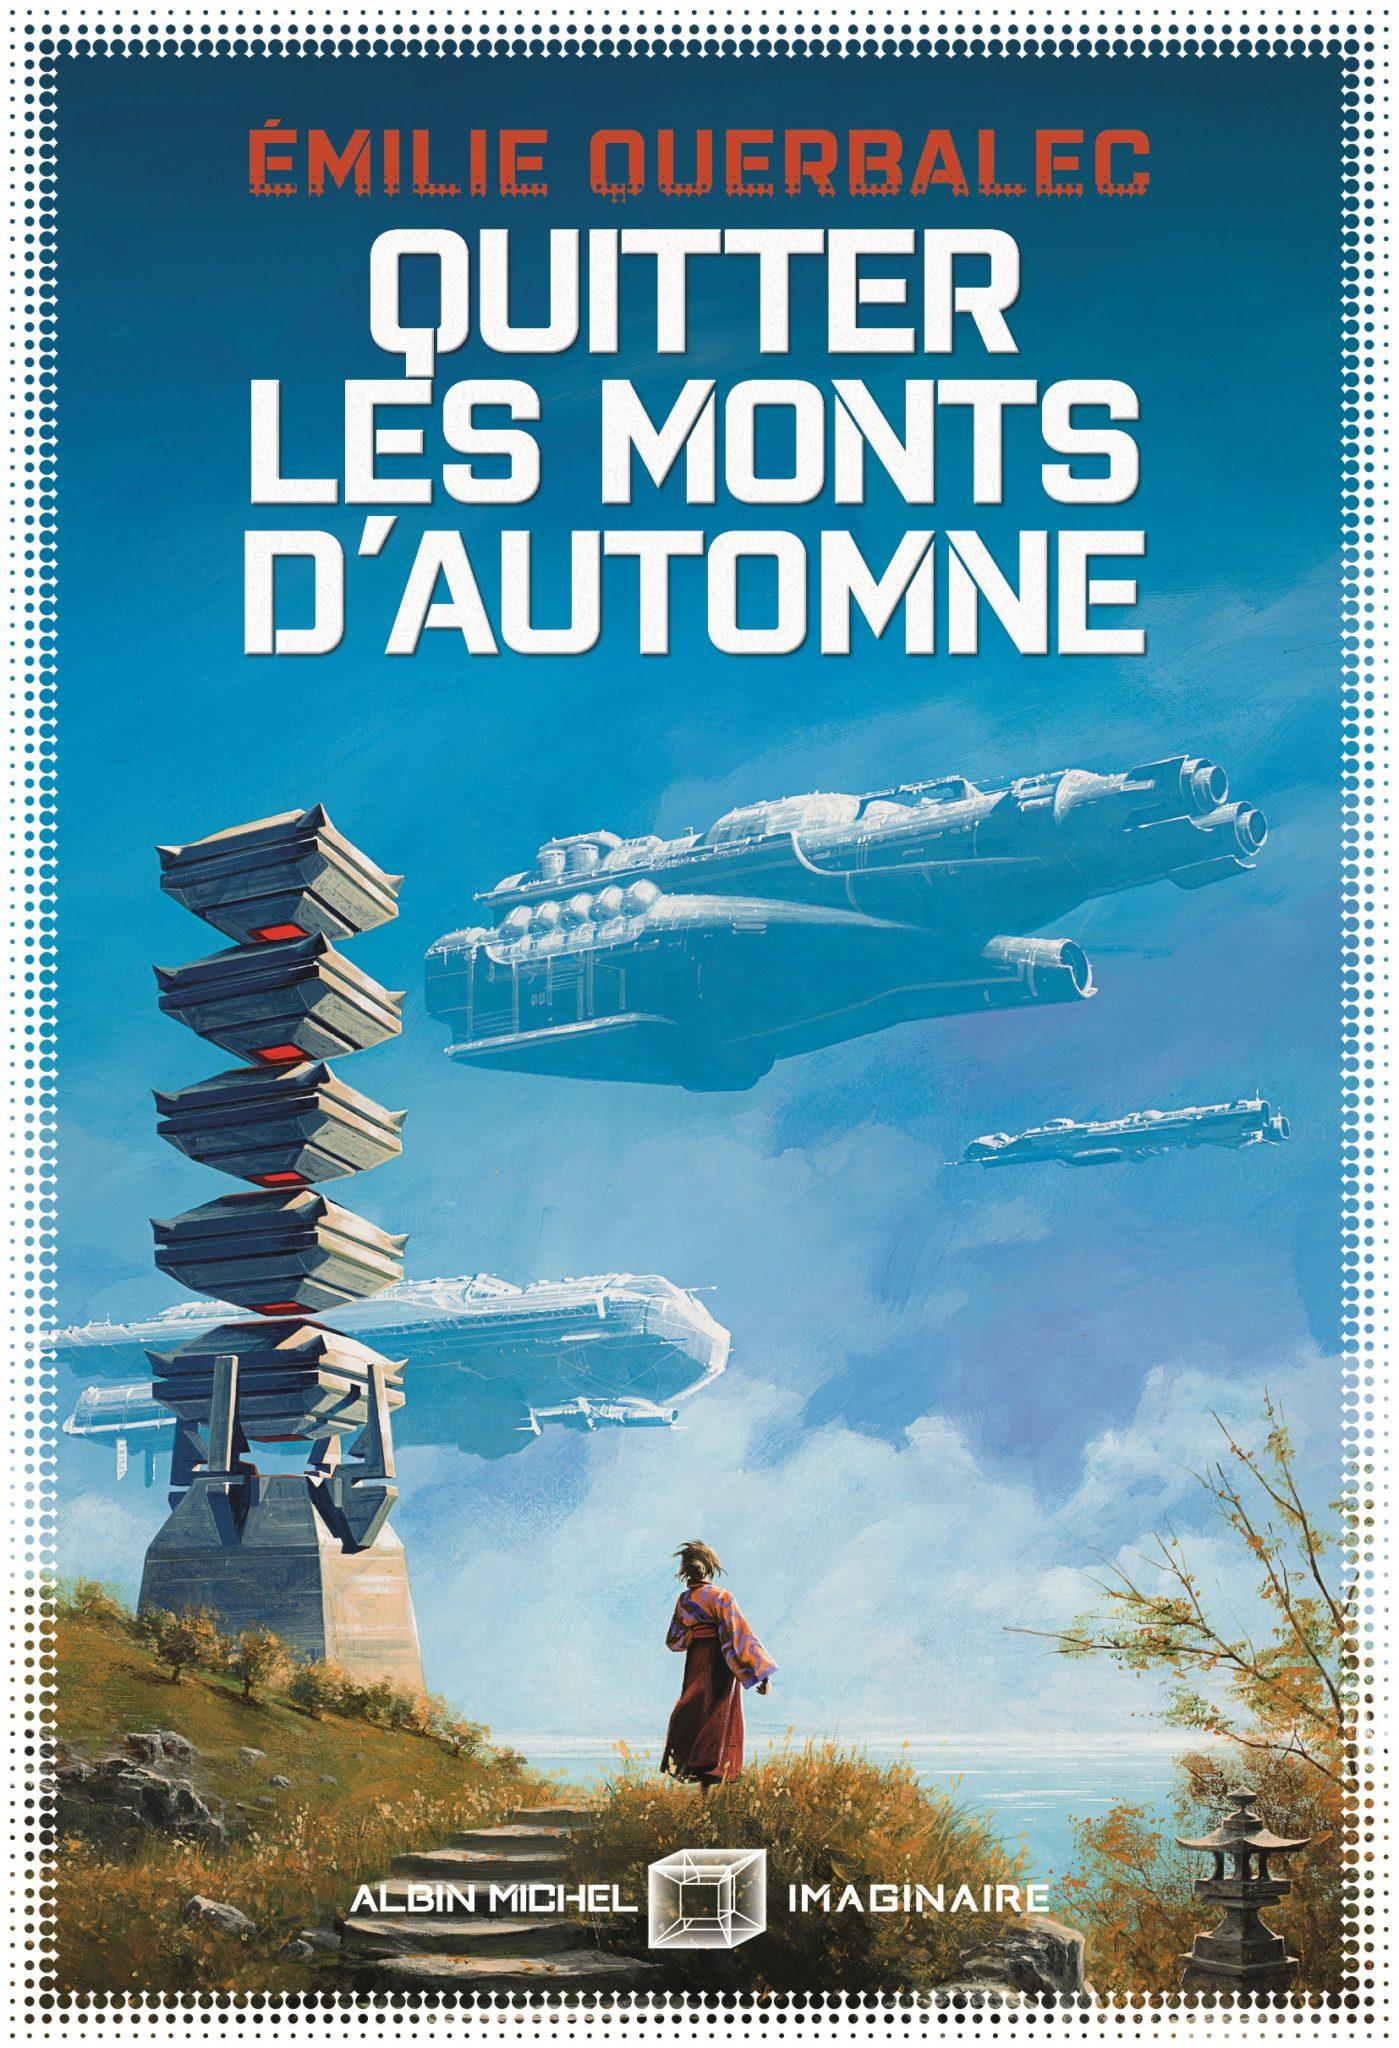 Quitter les monts d'automne (paperback, Français language, 2020, ALBIN MICHEL)